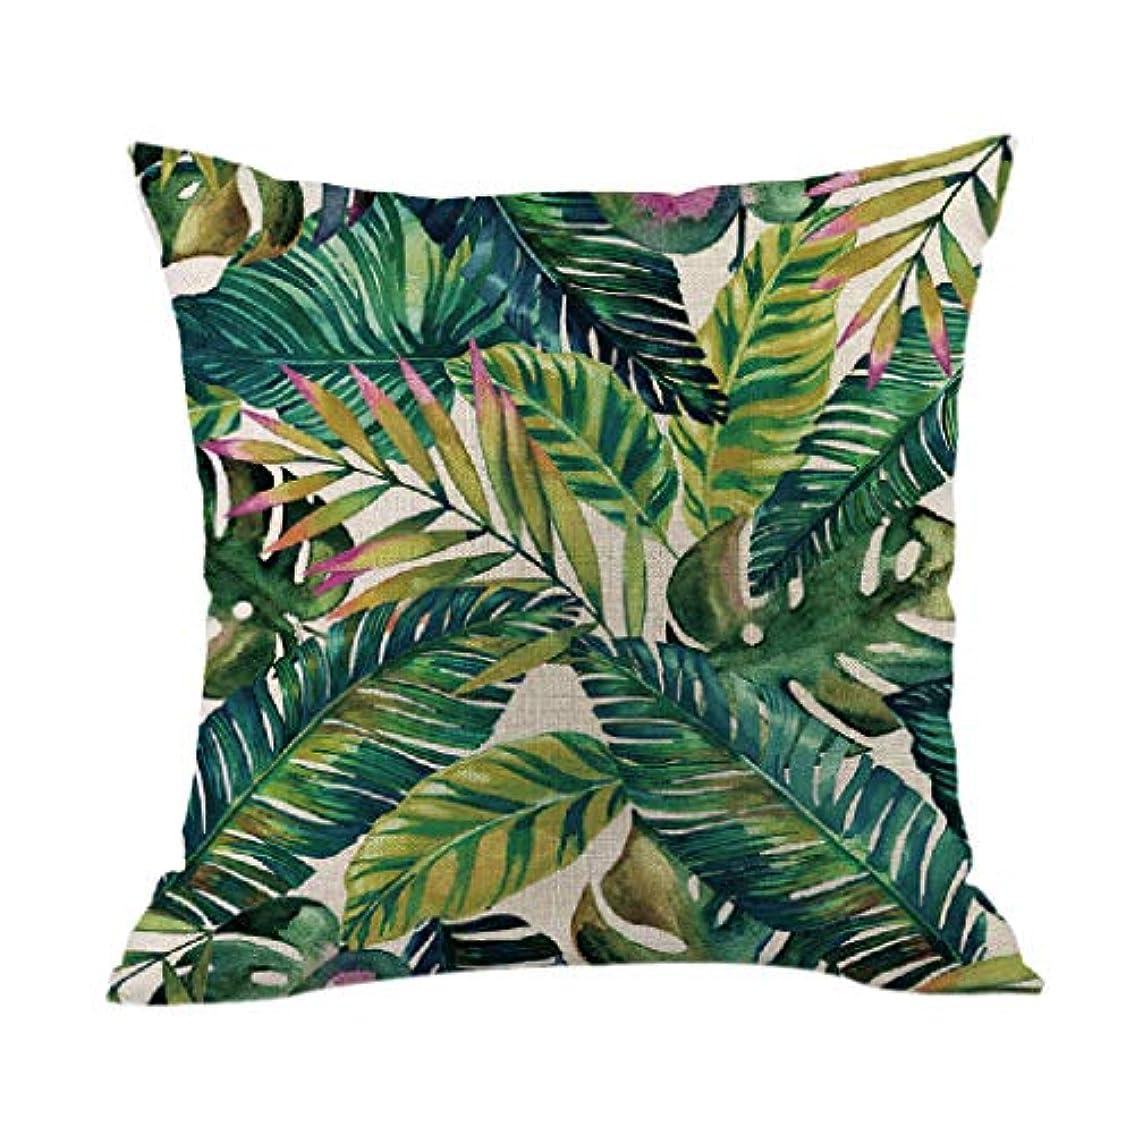 長くする唯物論申込みLIFE 高品質クッション熱帯植物ポリエステル枕ソファ投げるパッドセットホーム人格クッション coussin decoratif クッション 椅子